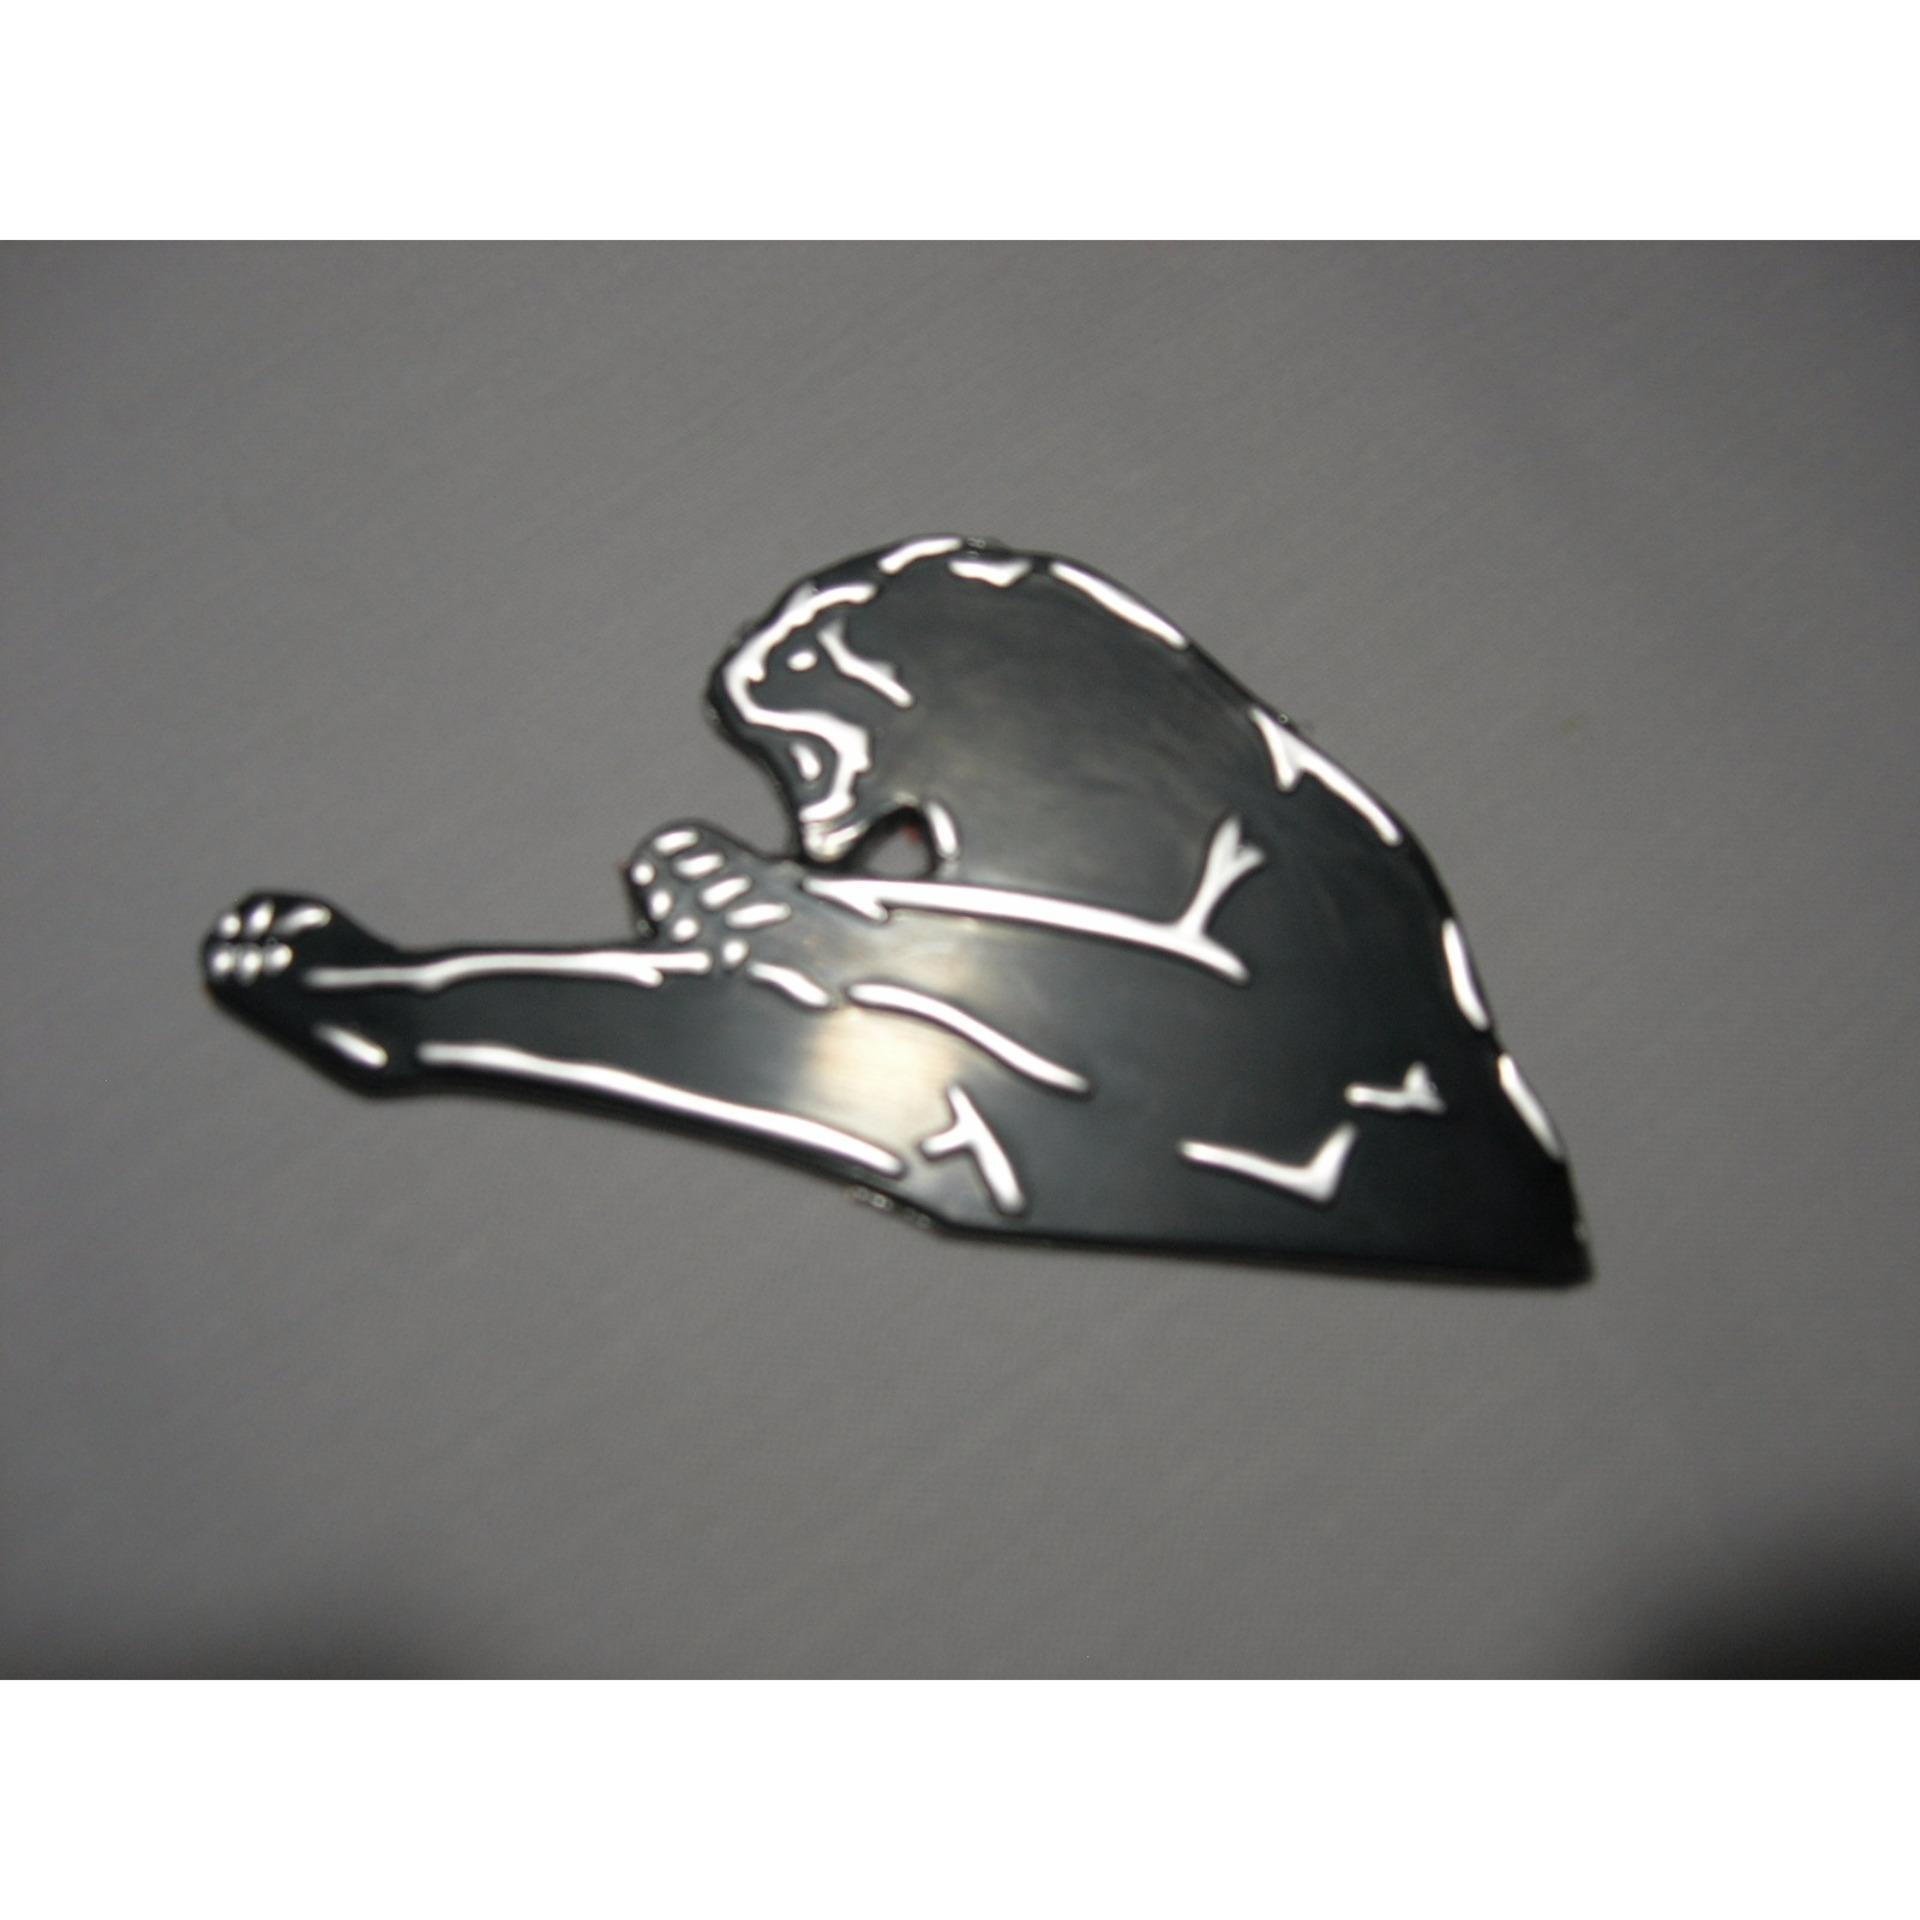 Isuzu Logo Ori Panther Kotak Th 1992 2000 Daftar Harga Terbaru Dan Grill Ac Depan Bagian Tengah Atau Kapsul Update Source